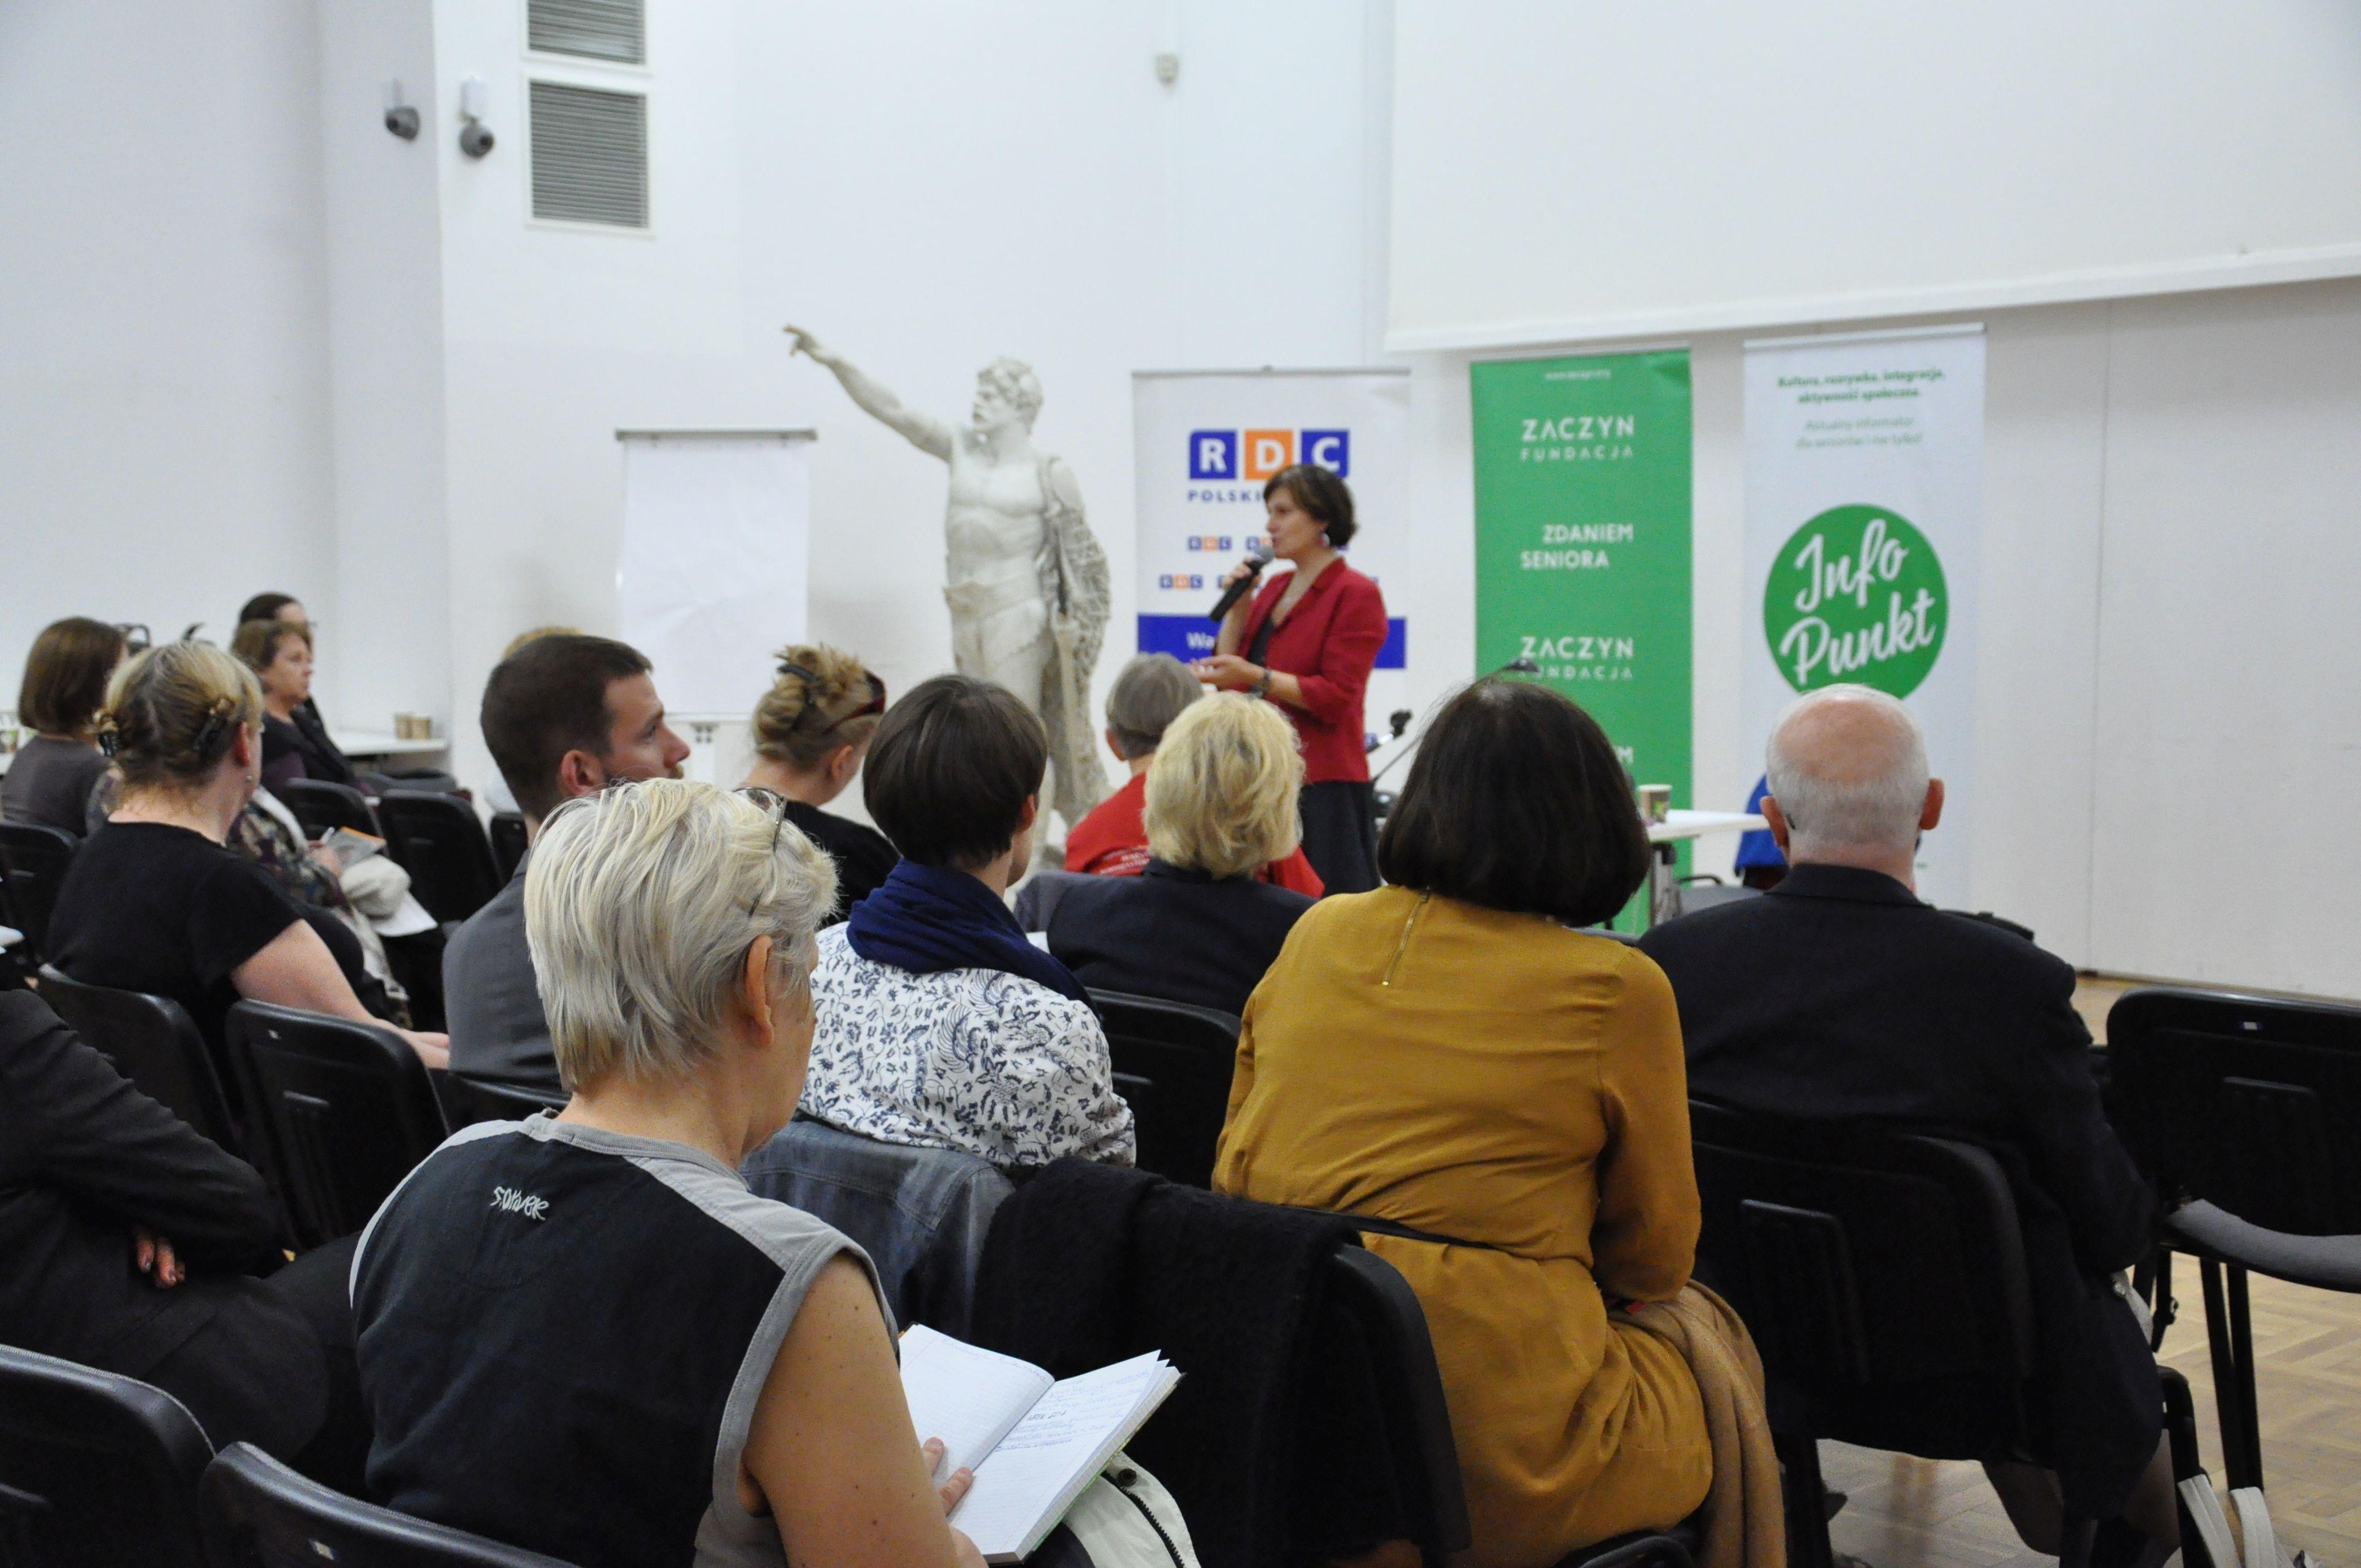 Mapowanie miejsc kultury-Zachęta-Fundacja ZACZYN (5)